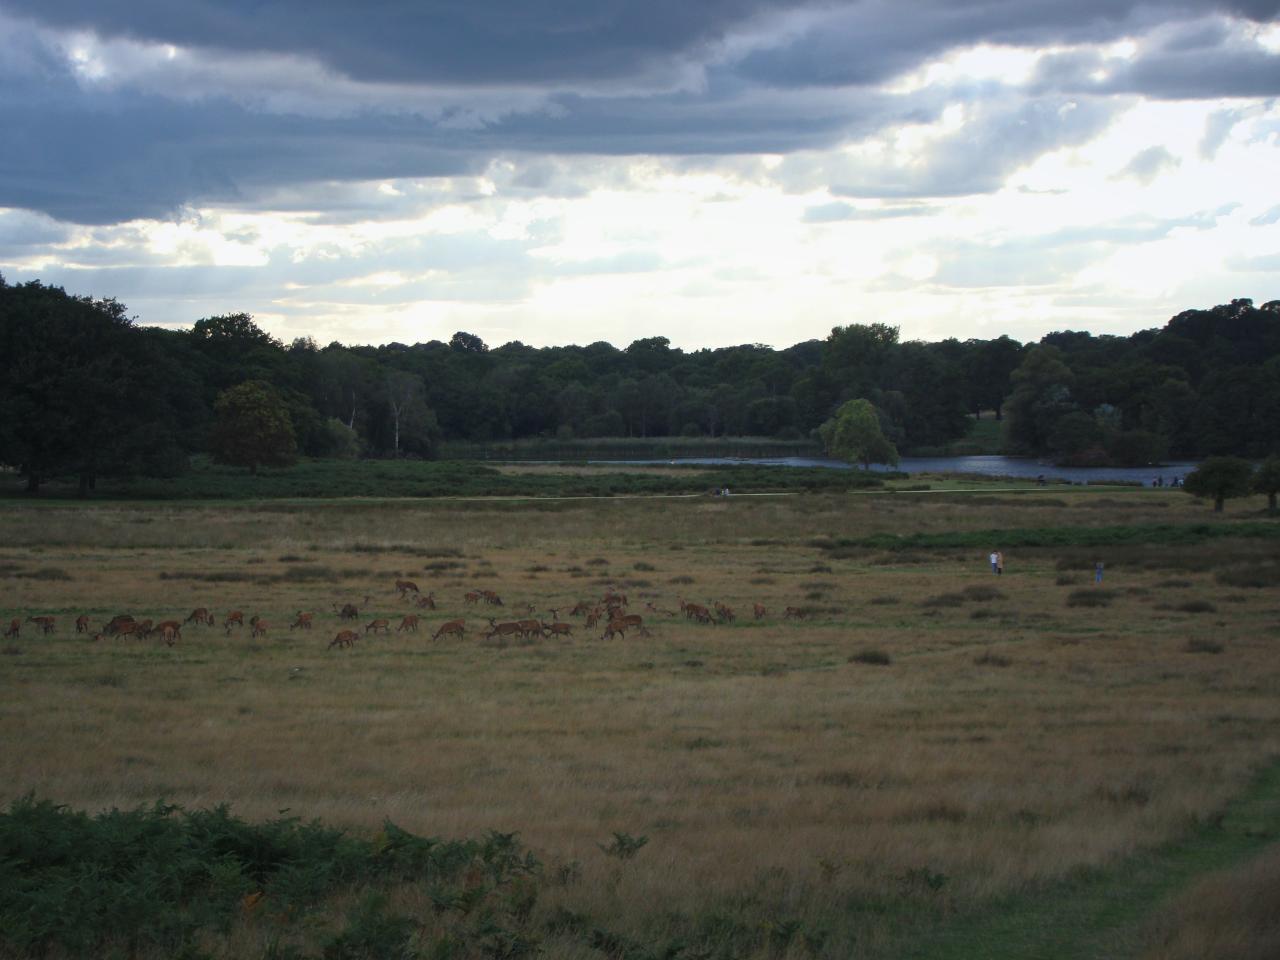 リッチモンド・パークにて撮影したアカシカの群れ|2015年9月12日